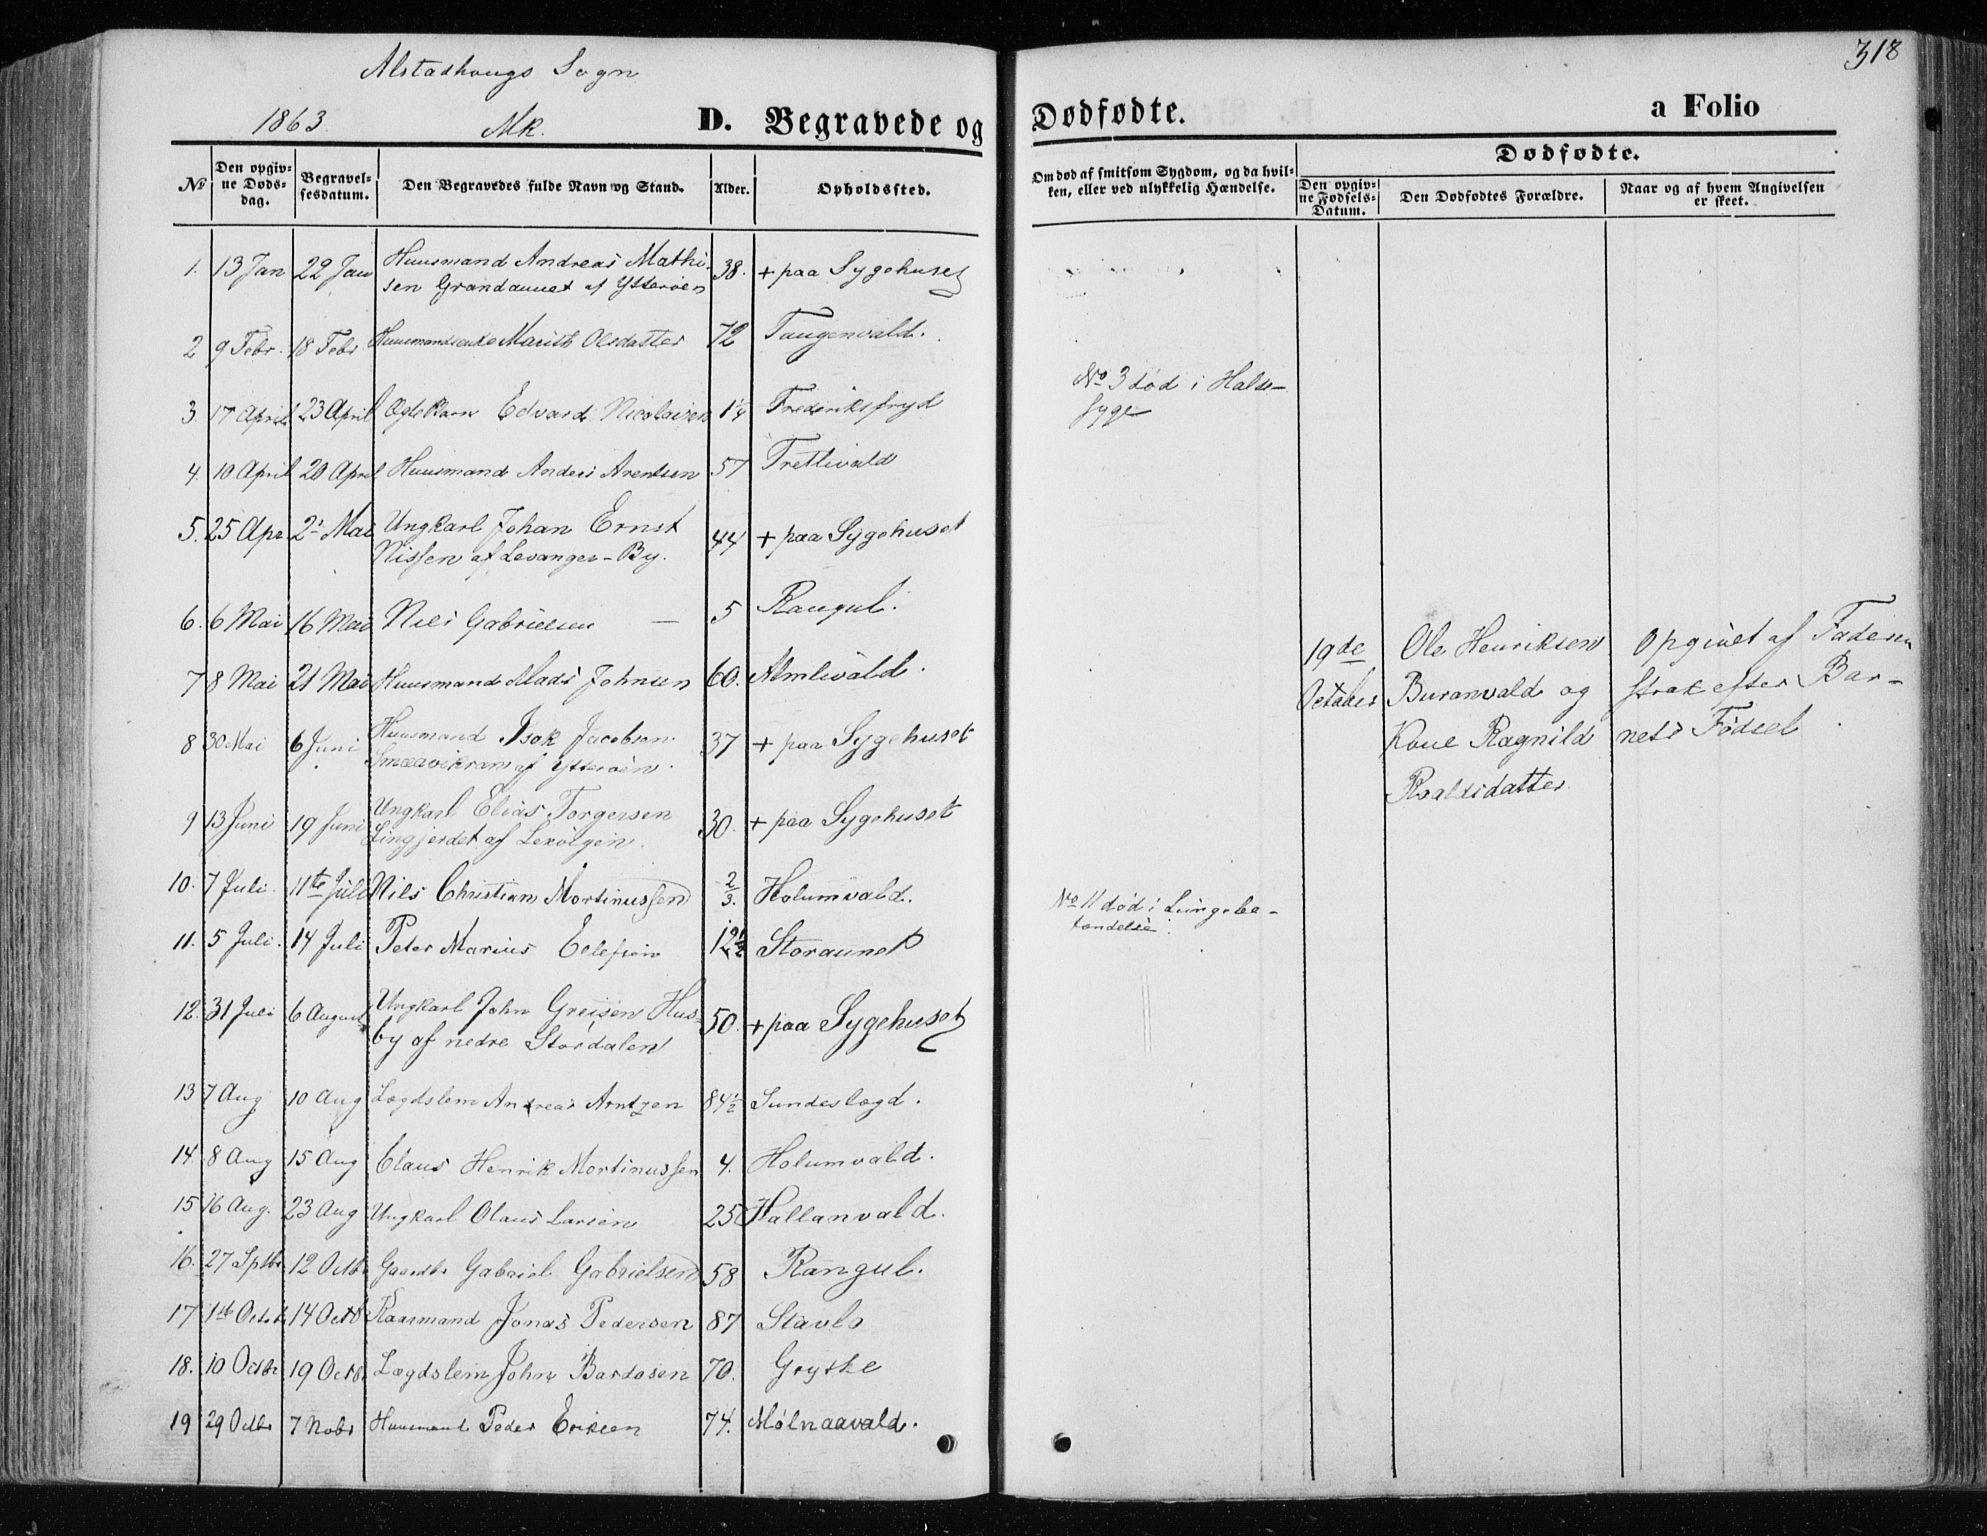 SAT, Ministerialprotokoller, klokkerbøker og fødselsregistre - Nord-Trøndelag, 717/L0157: Ministerialbok nr. 717A08 /1, 1863-1877, s. 318